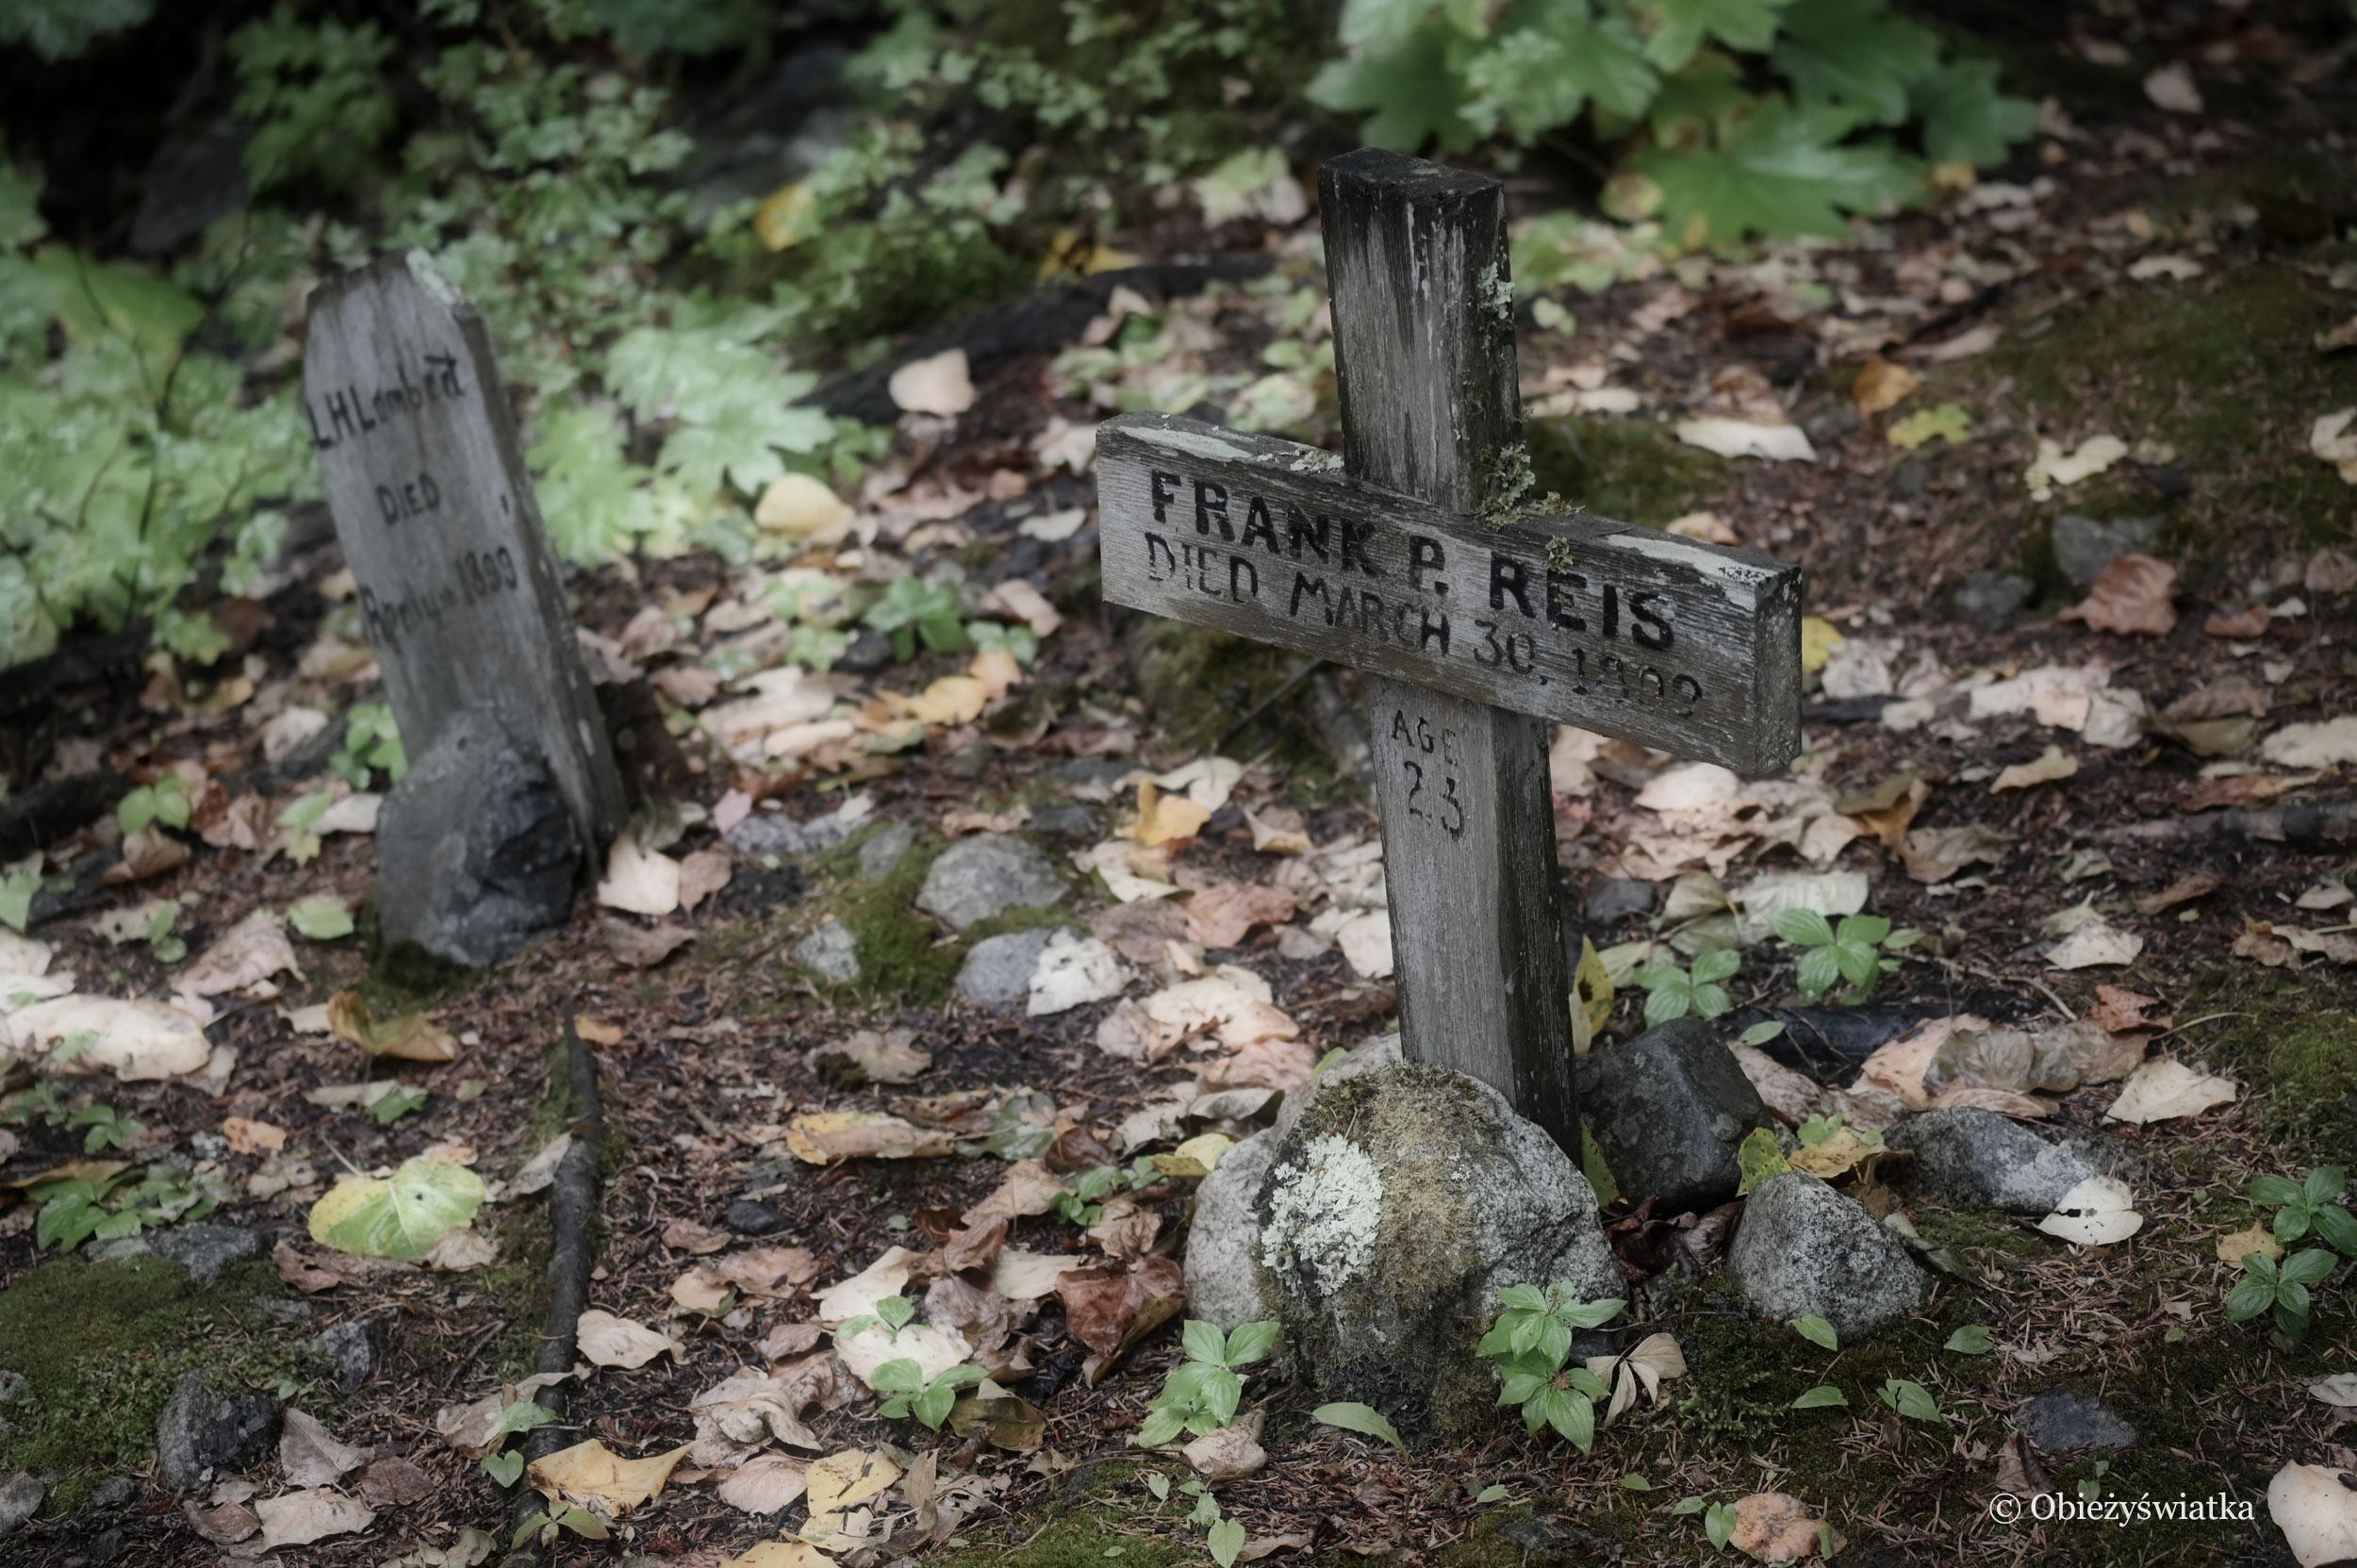 Proste krzyże i skromne płyty - Cmentarz Poszukiwaczy Złota w Skagway, Alaska